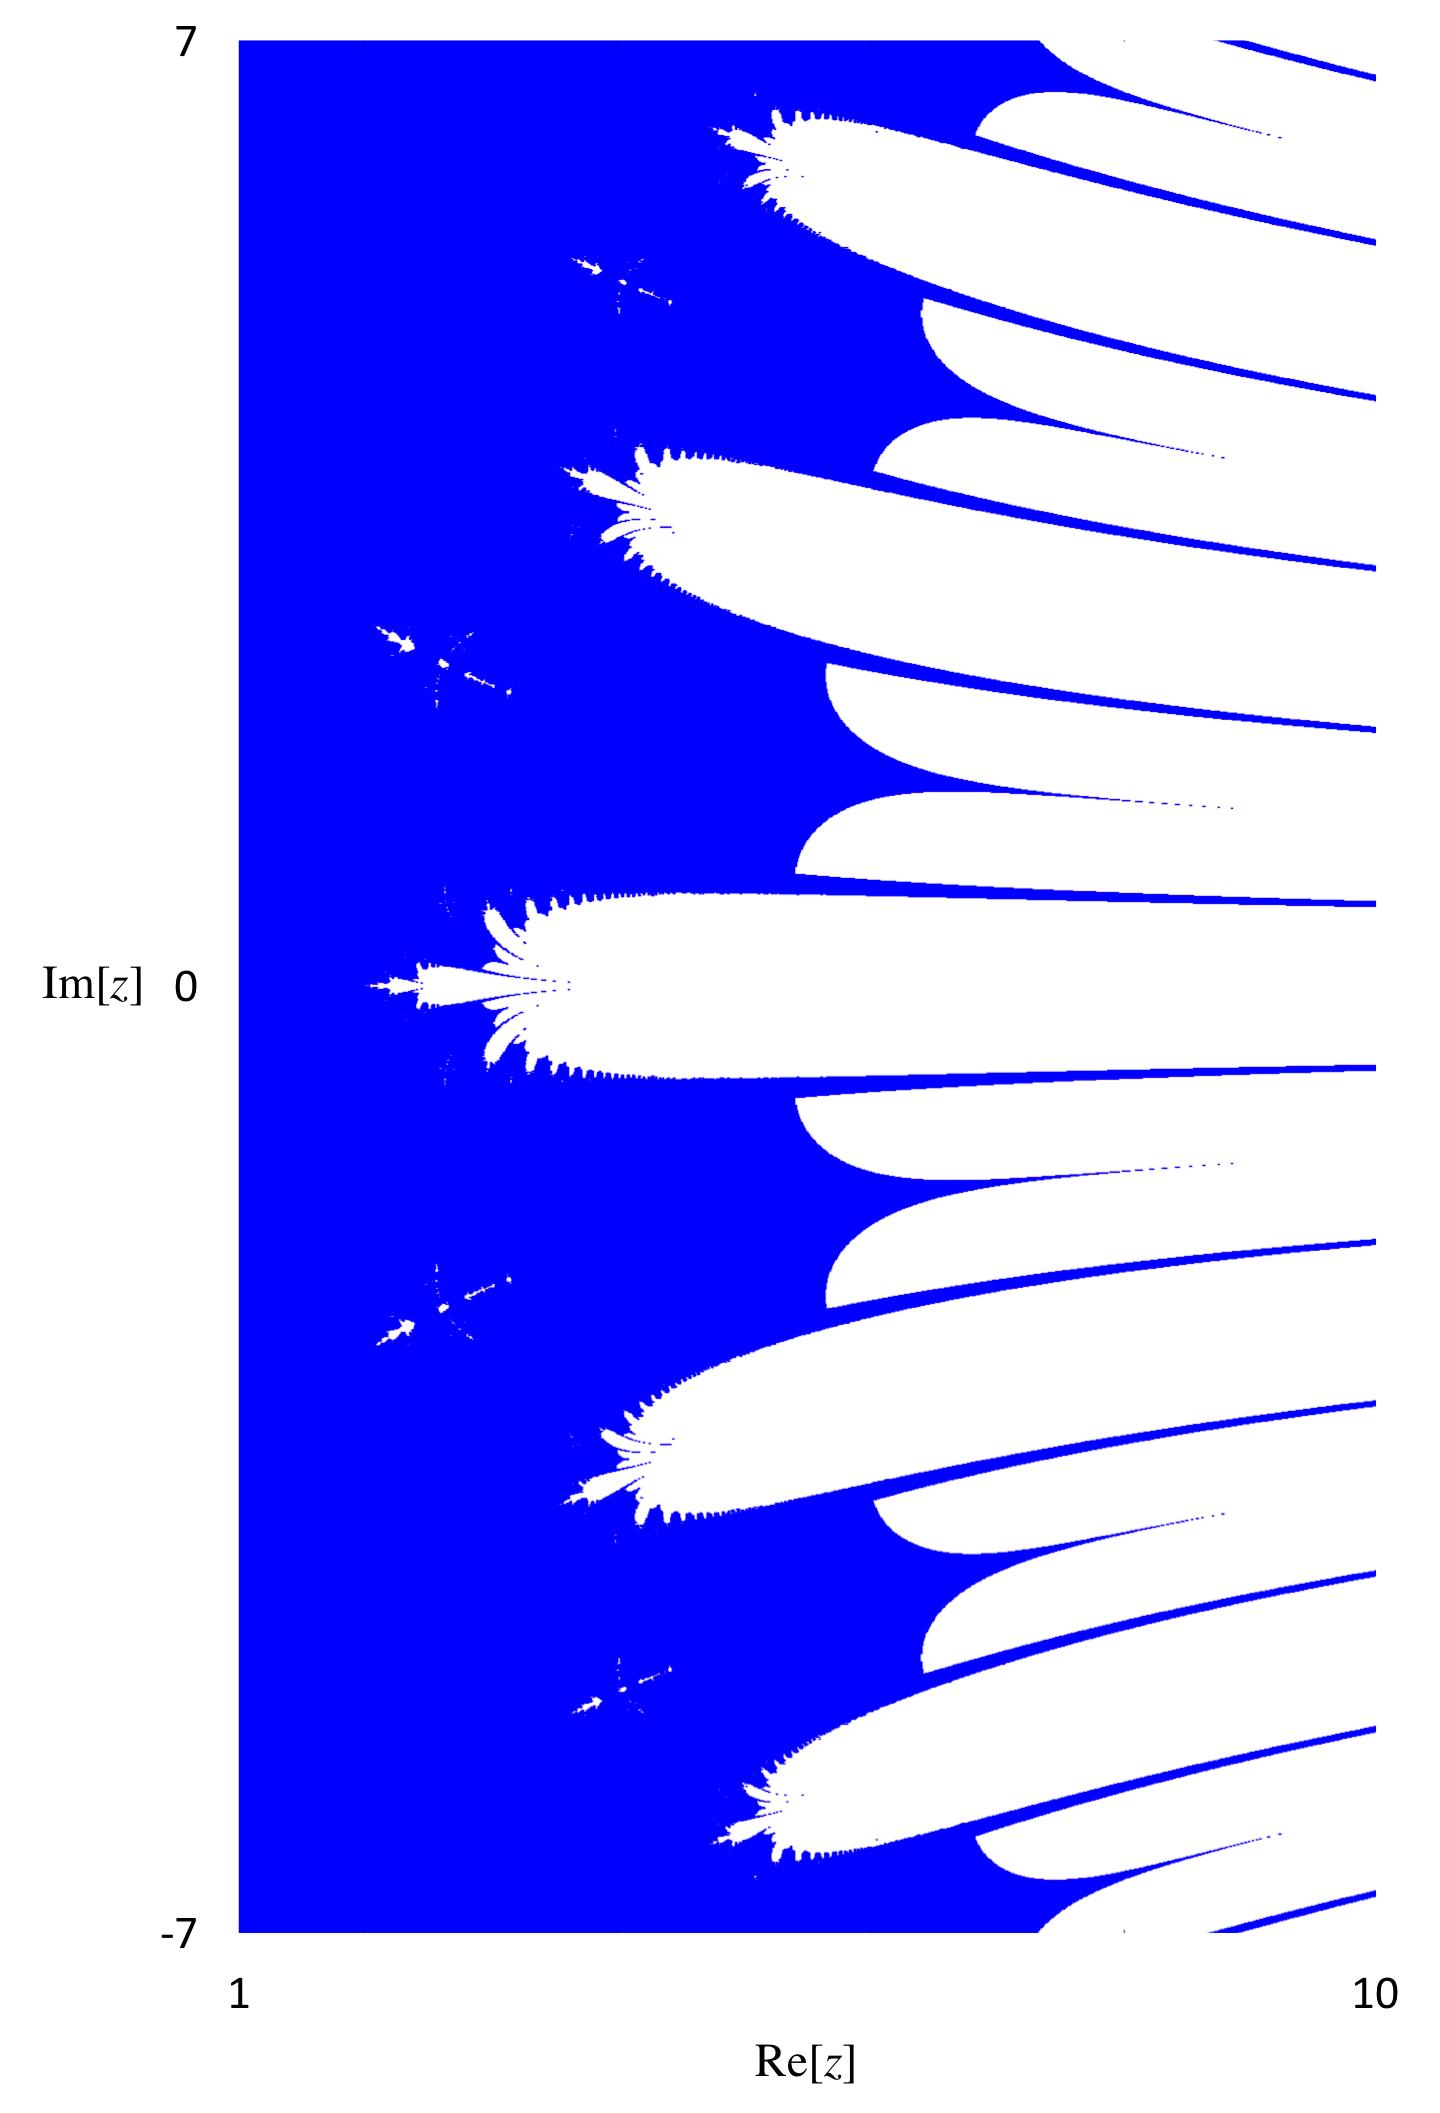 Repeated Factorial Plot 2